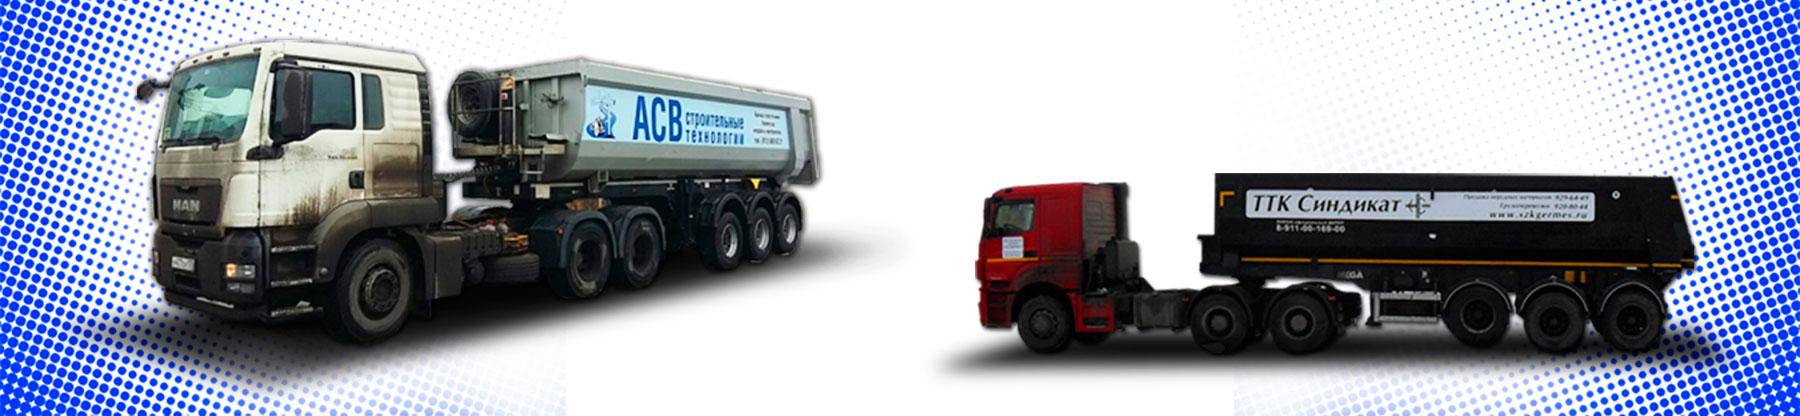 Брендирование и реклама на строительный транспорт в СПб и ЛО